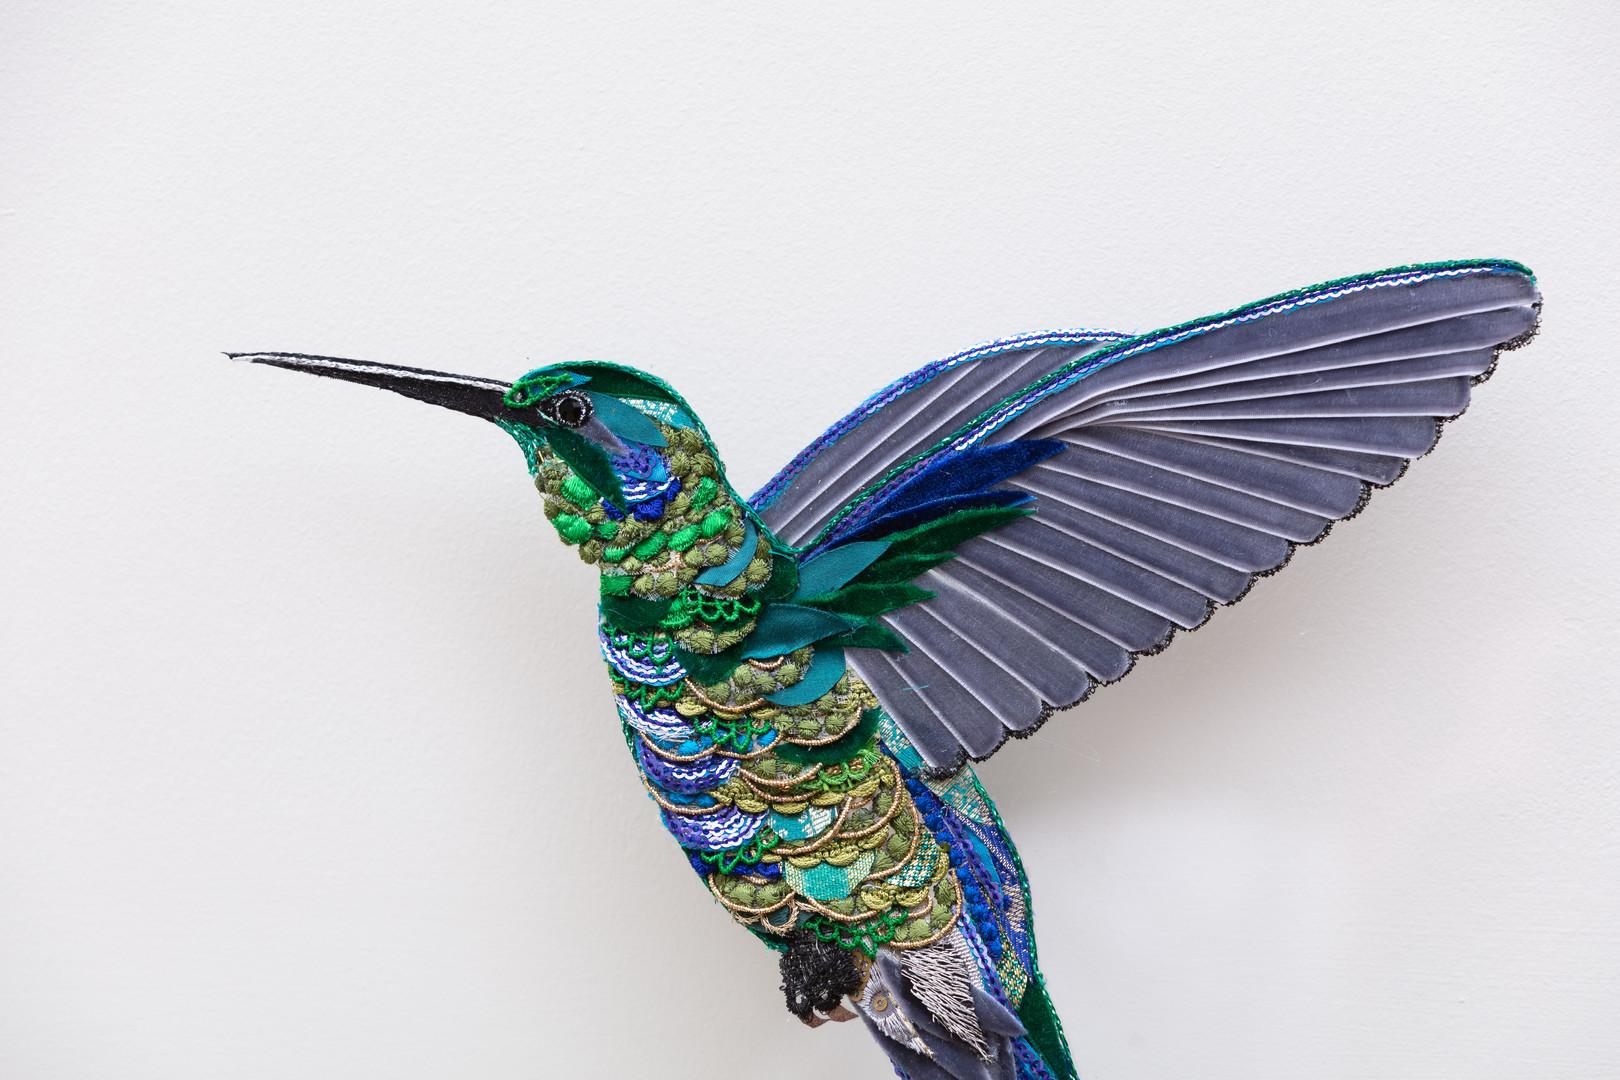 Flying Violet Ear Hummingbird